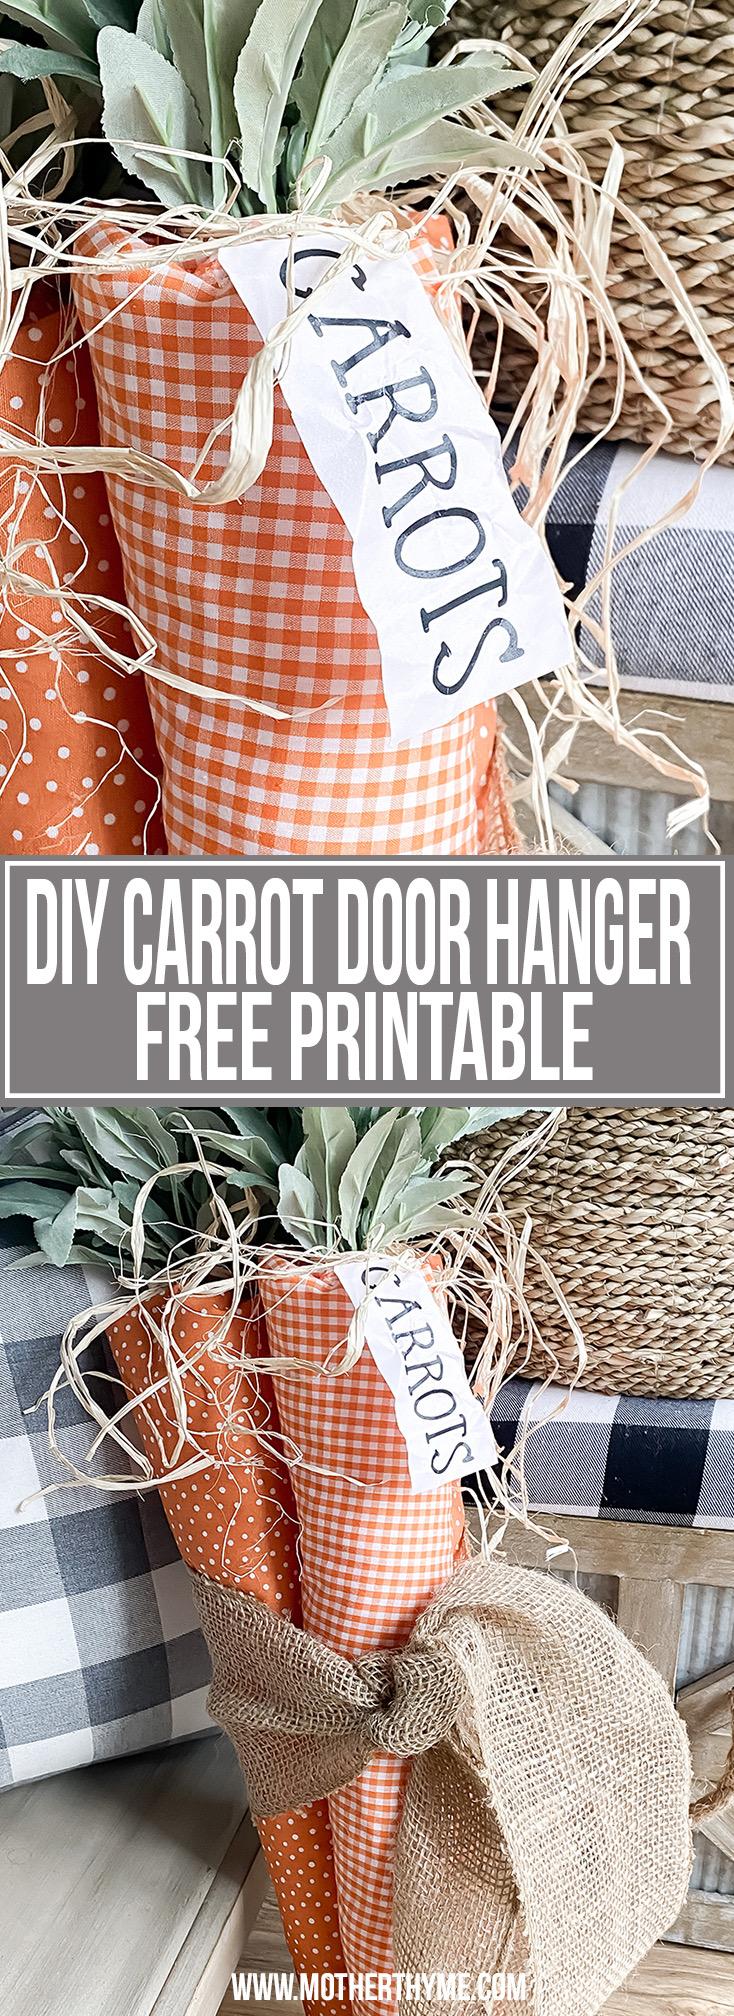 DIY CARROT DOOR HANGER - FREE PRINTABLE